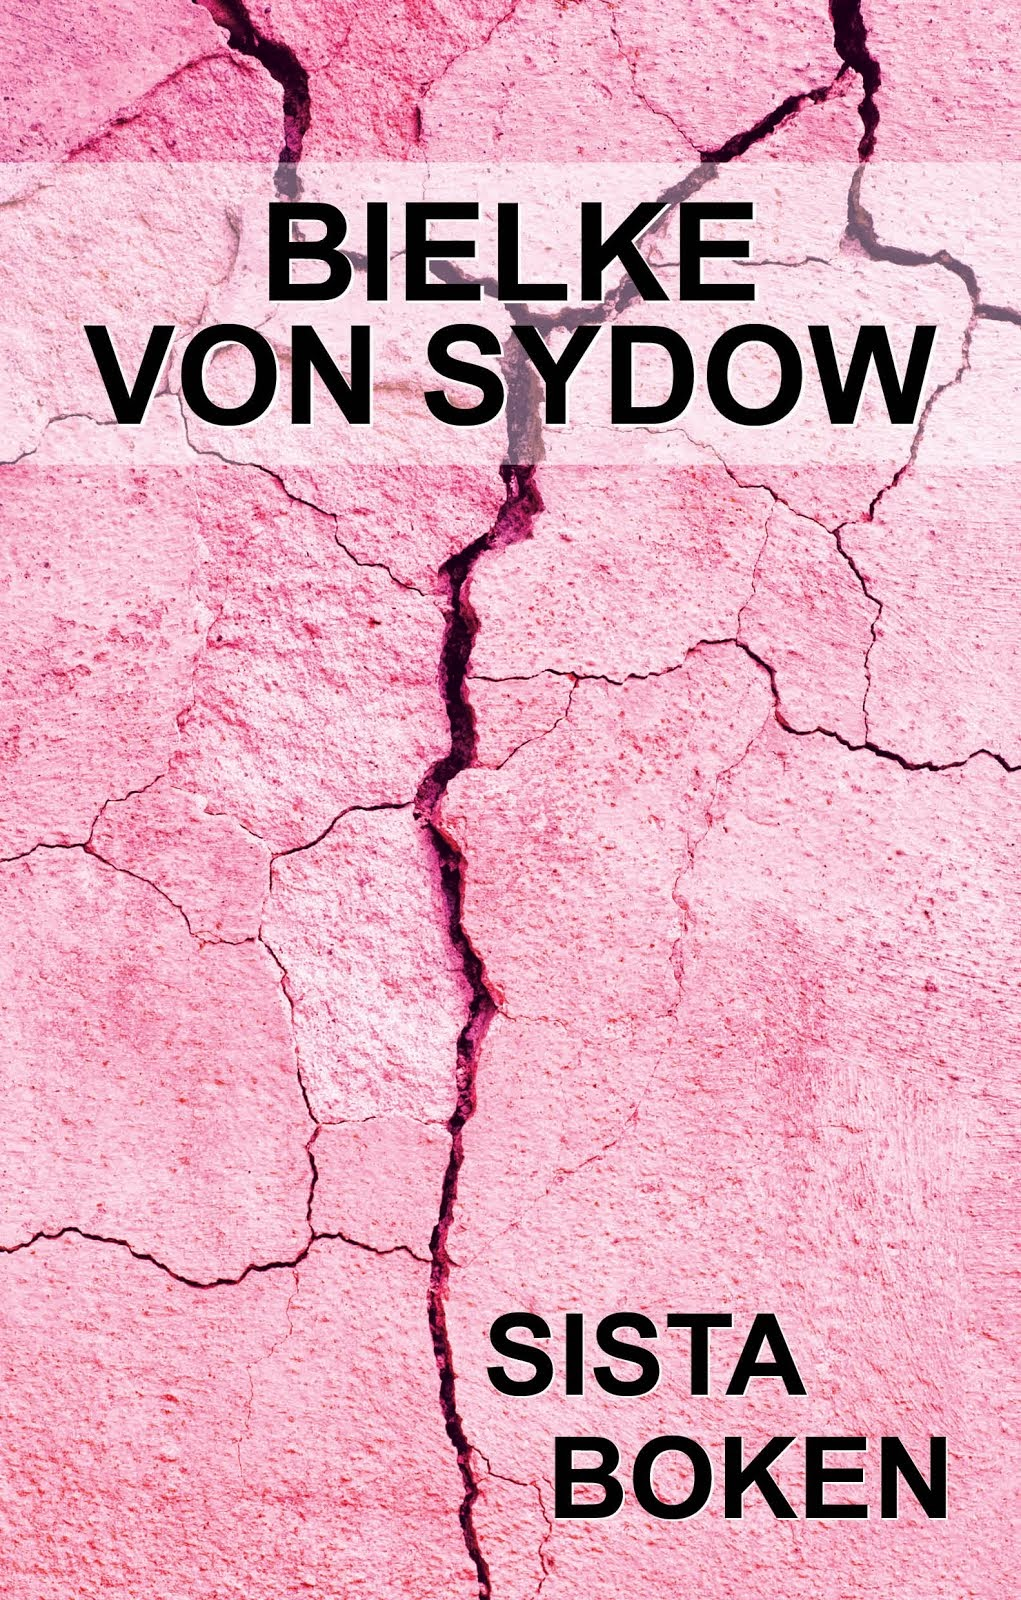 Sista boken, läsprov klicka på bilden